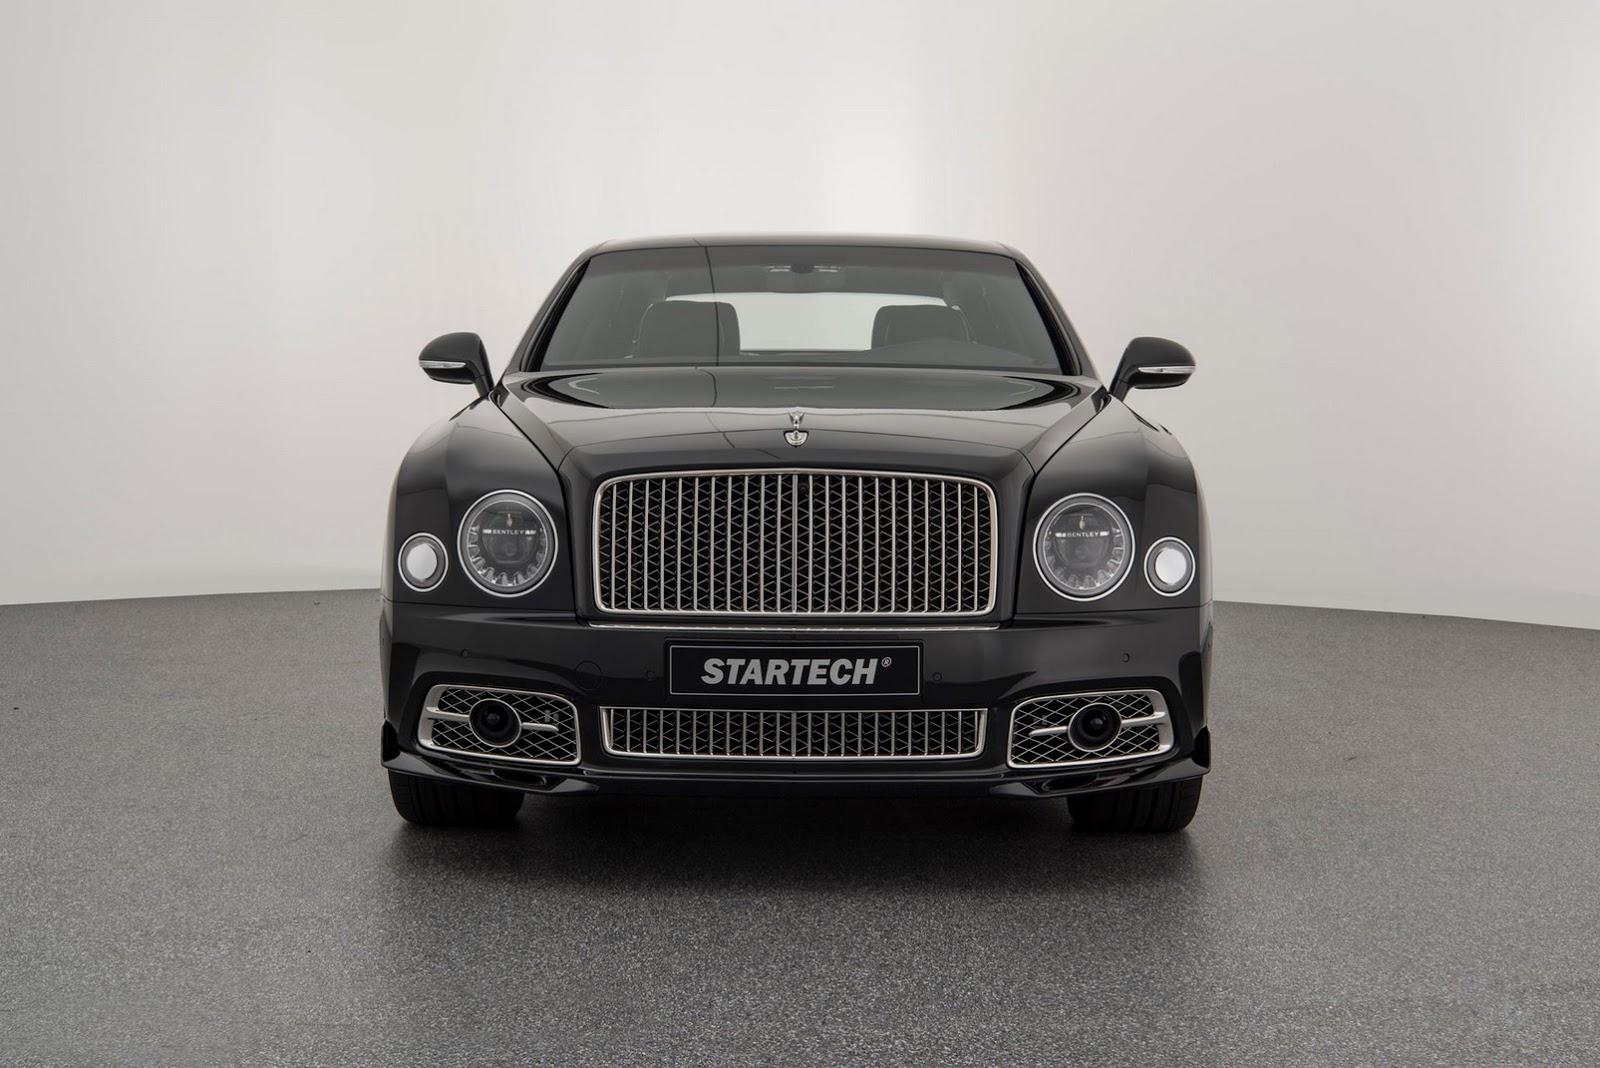 Bentley Mulsanne by Startech (3)